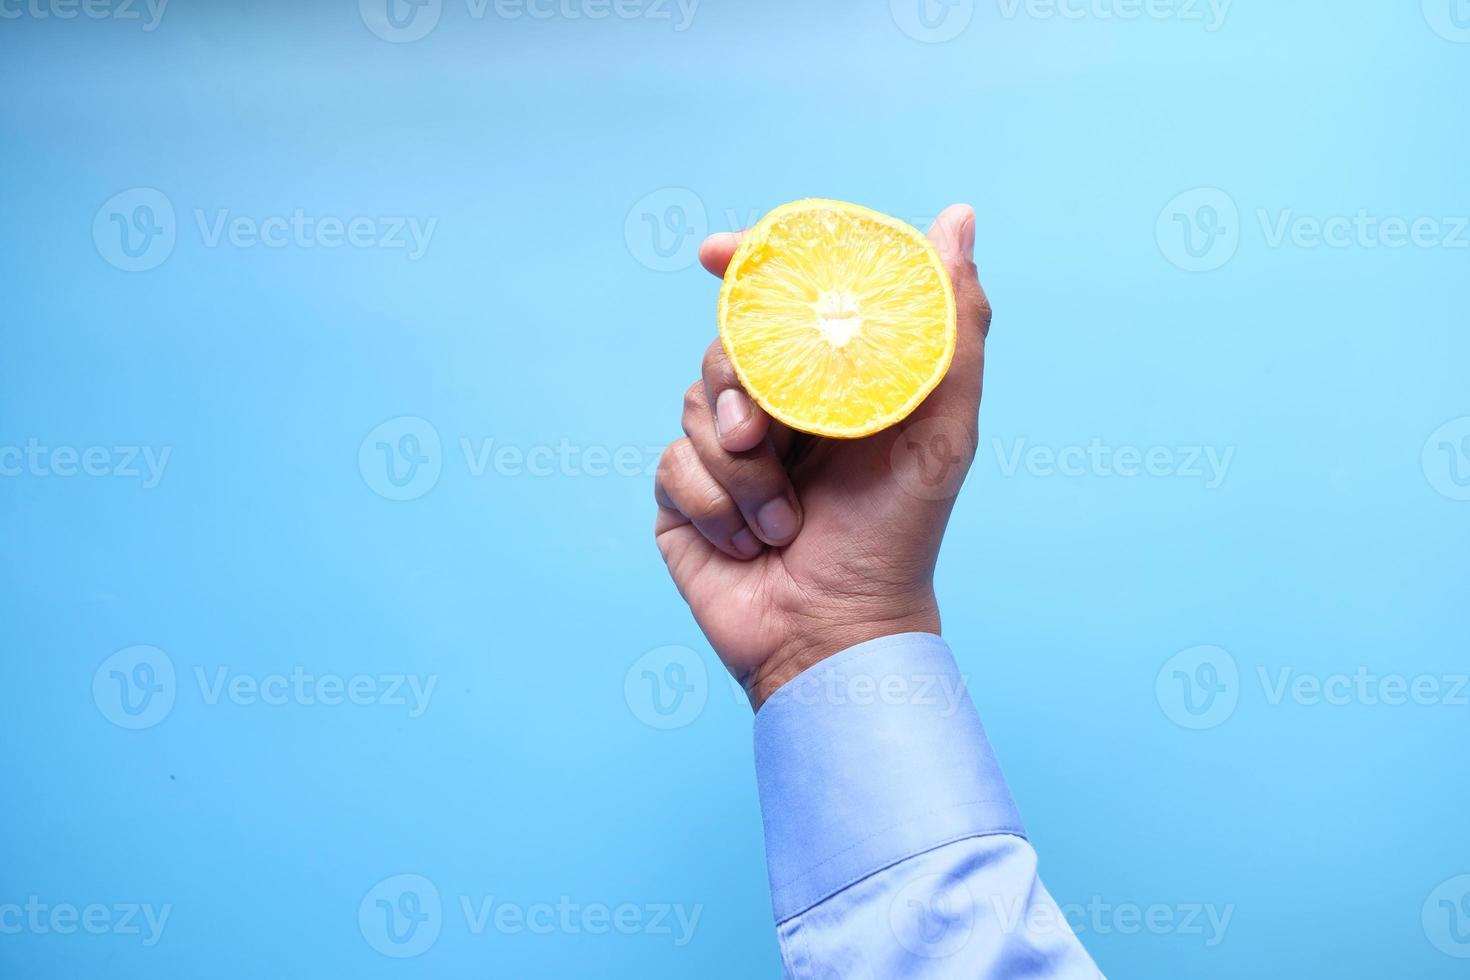 Hand holding citrus fruit on blue background photo